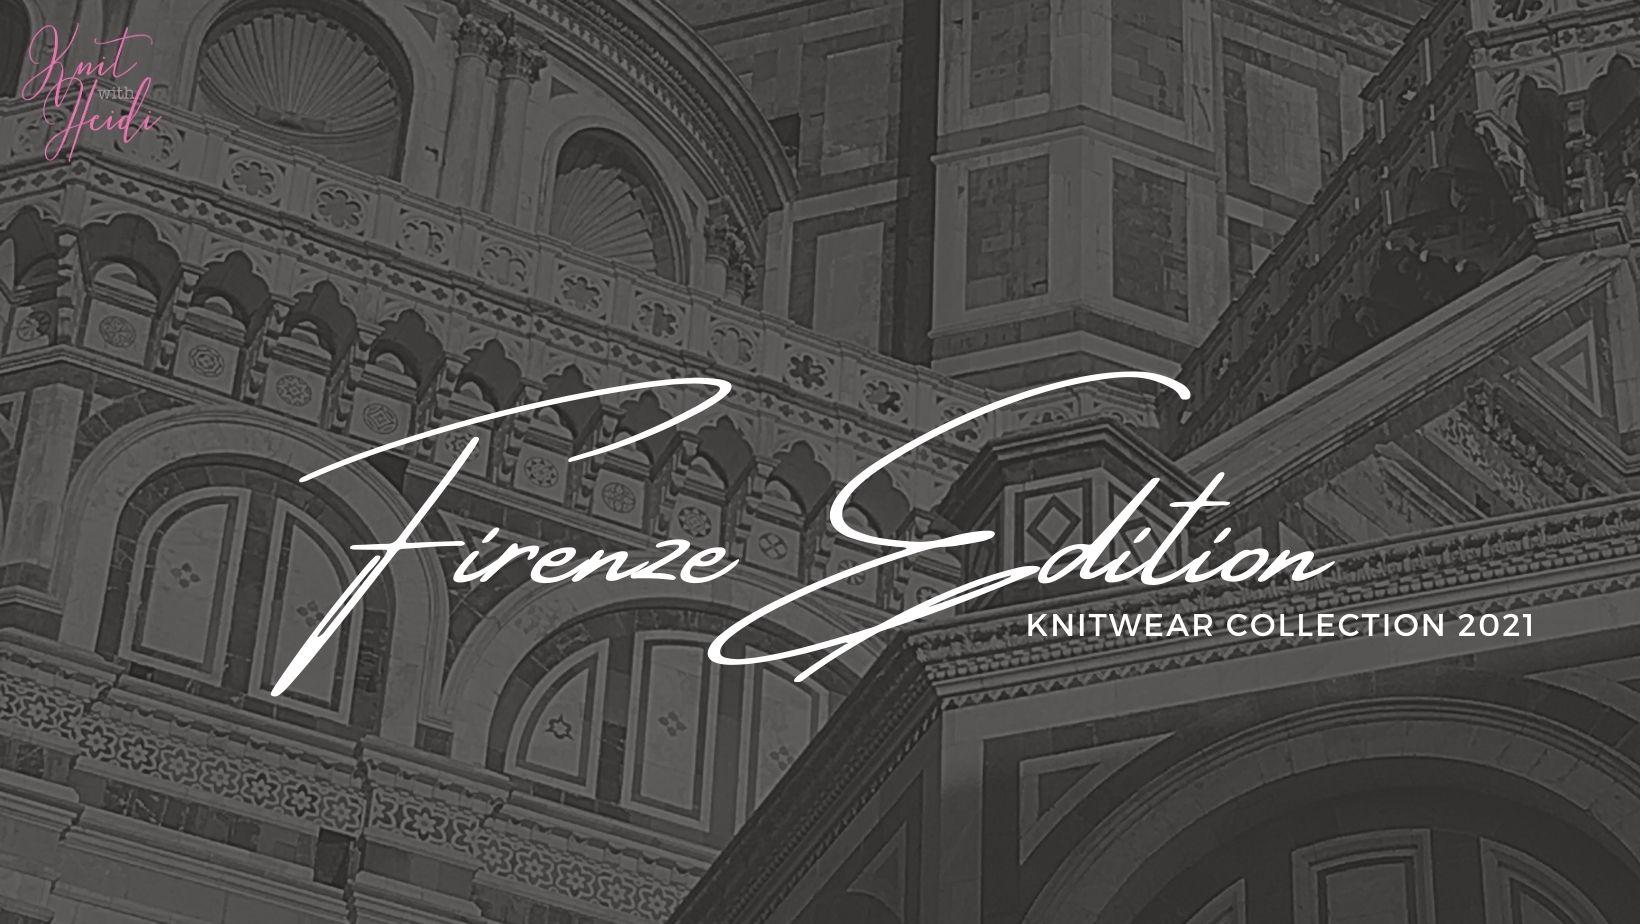 Firenze Edition